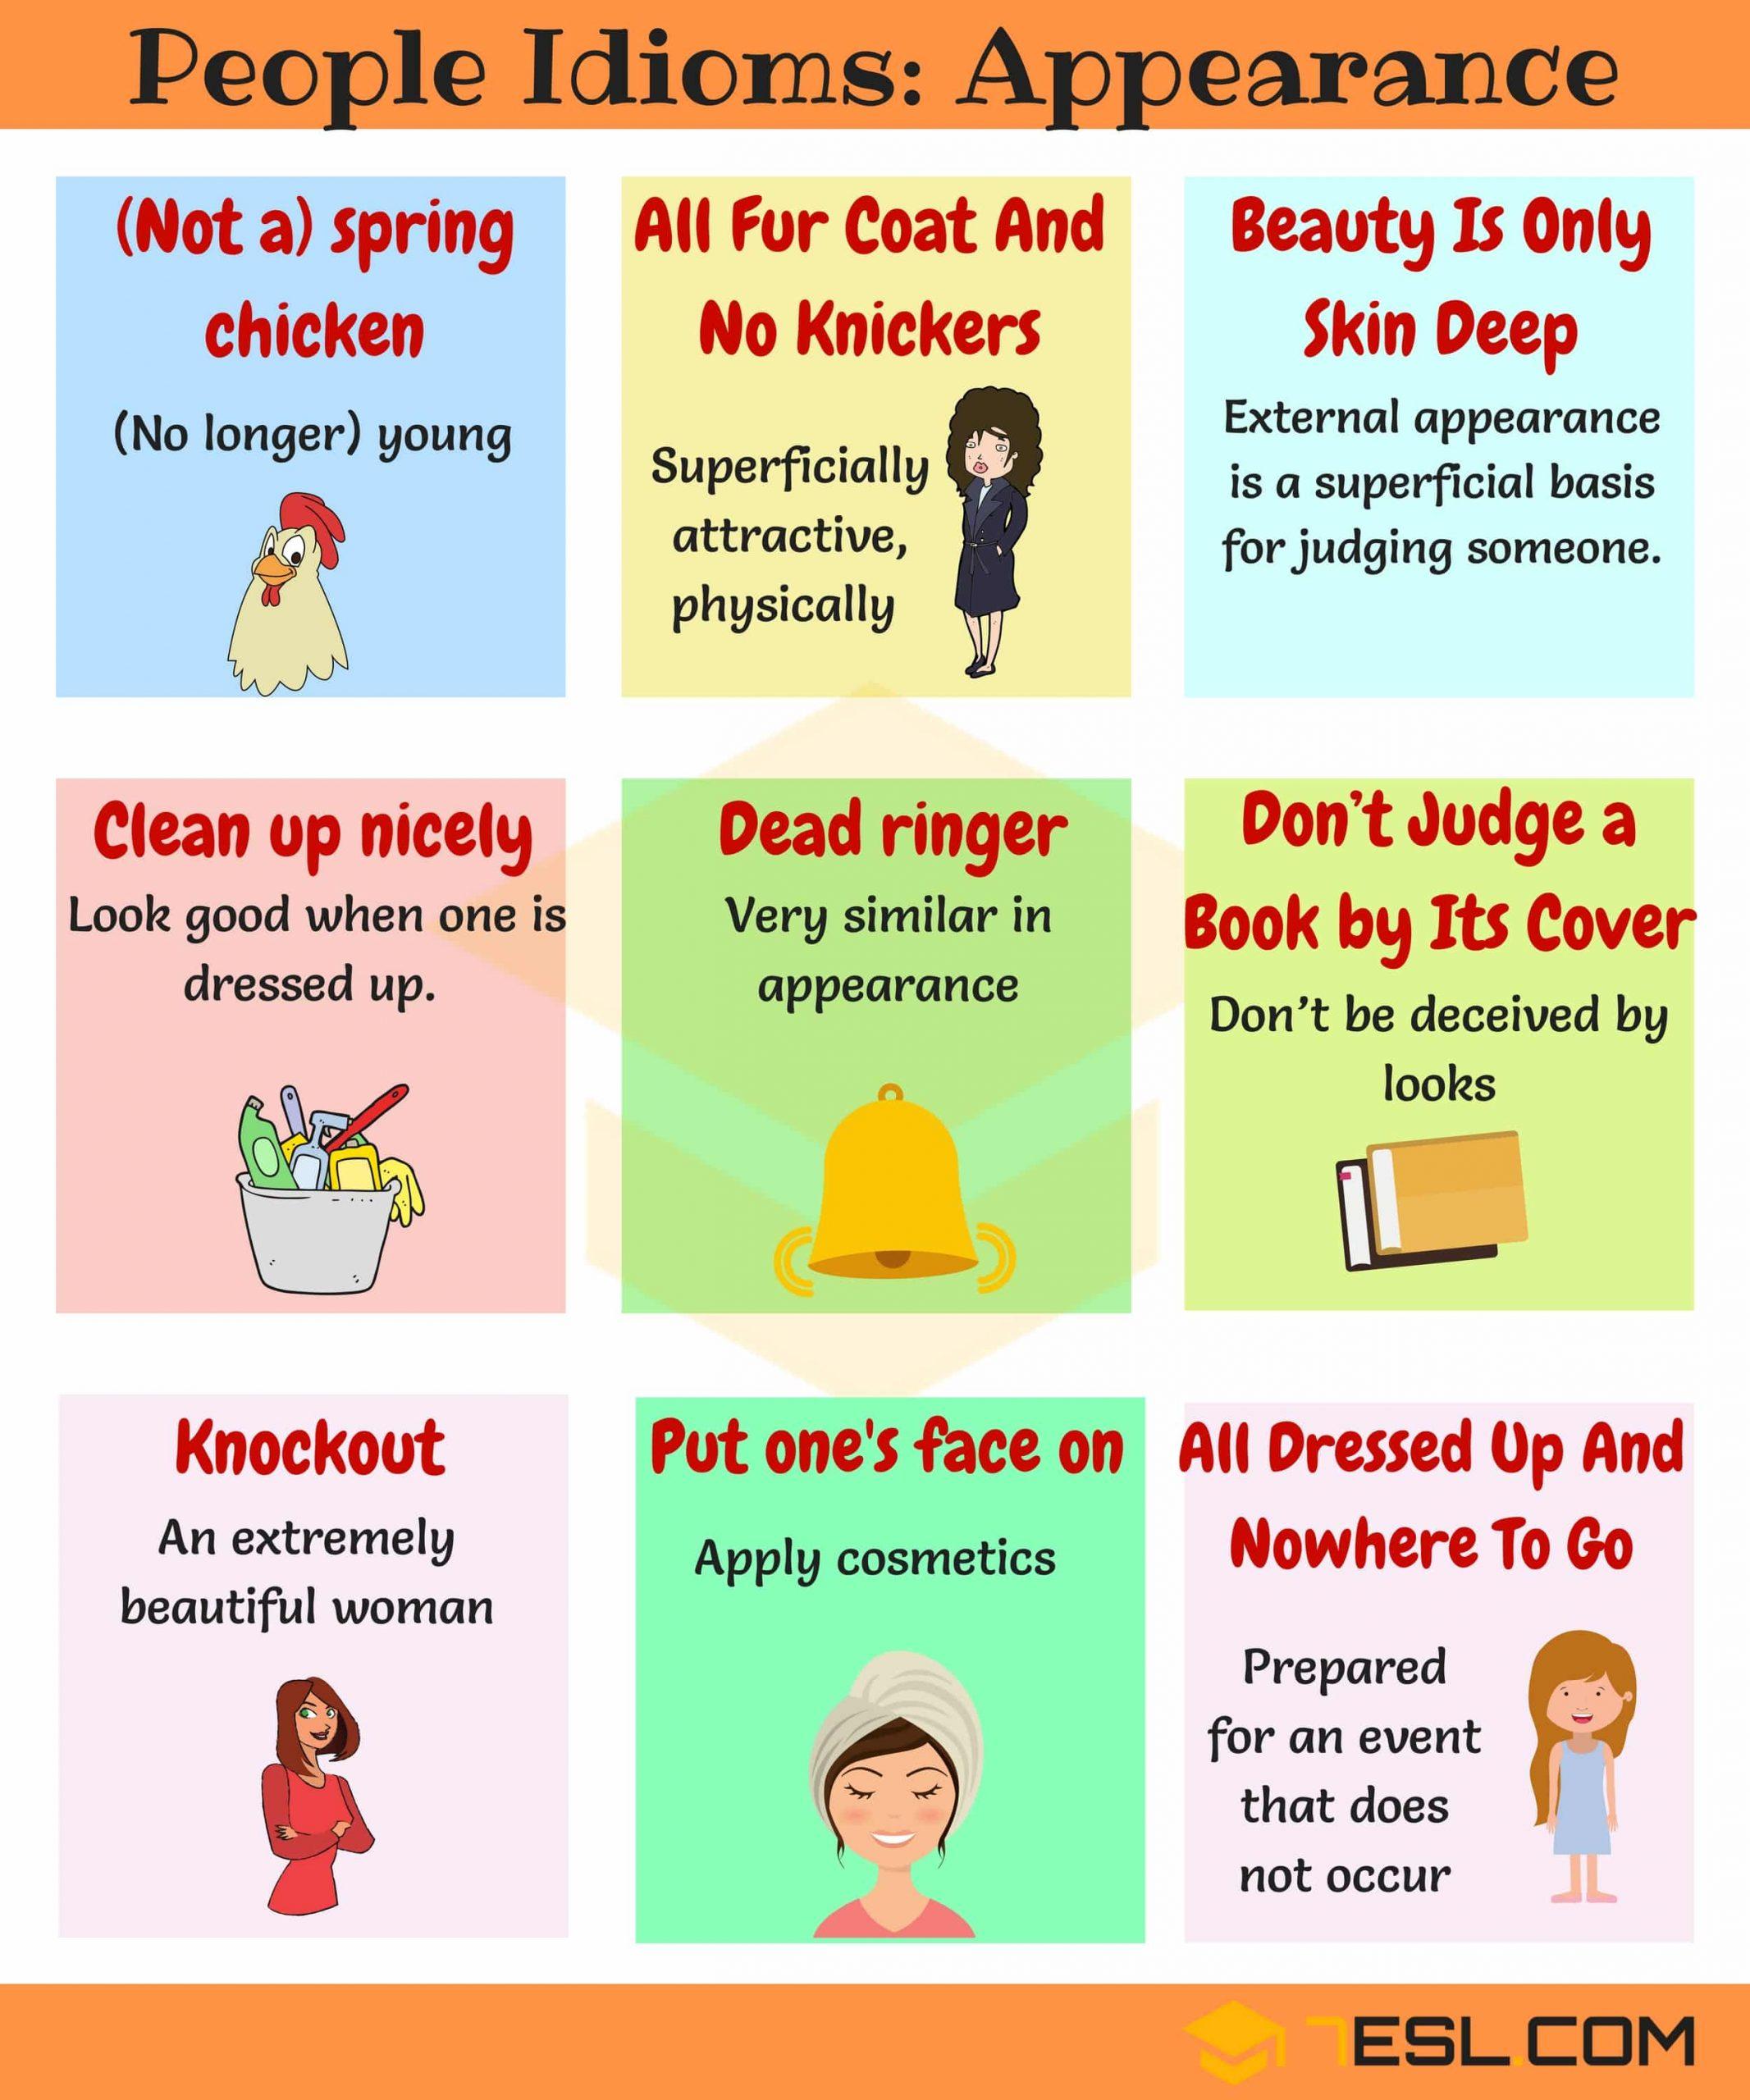 สำนวนภาษาอังกฤษ ใช้บรรยายลักษณะของคน Idioms to describe people